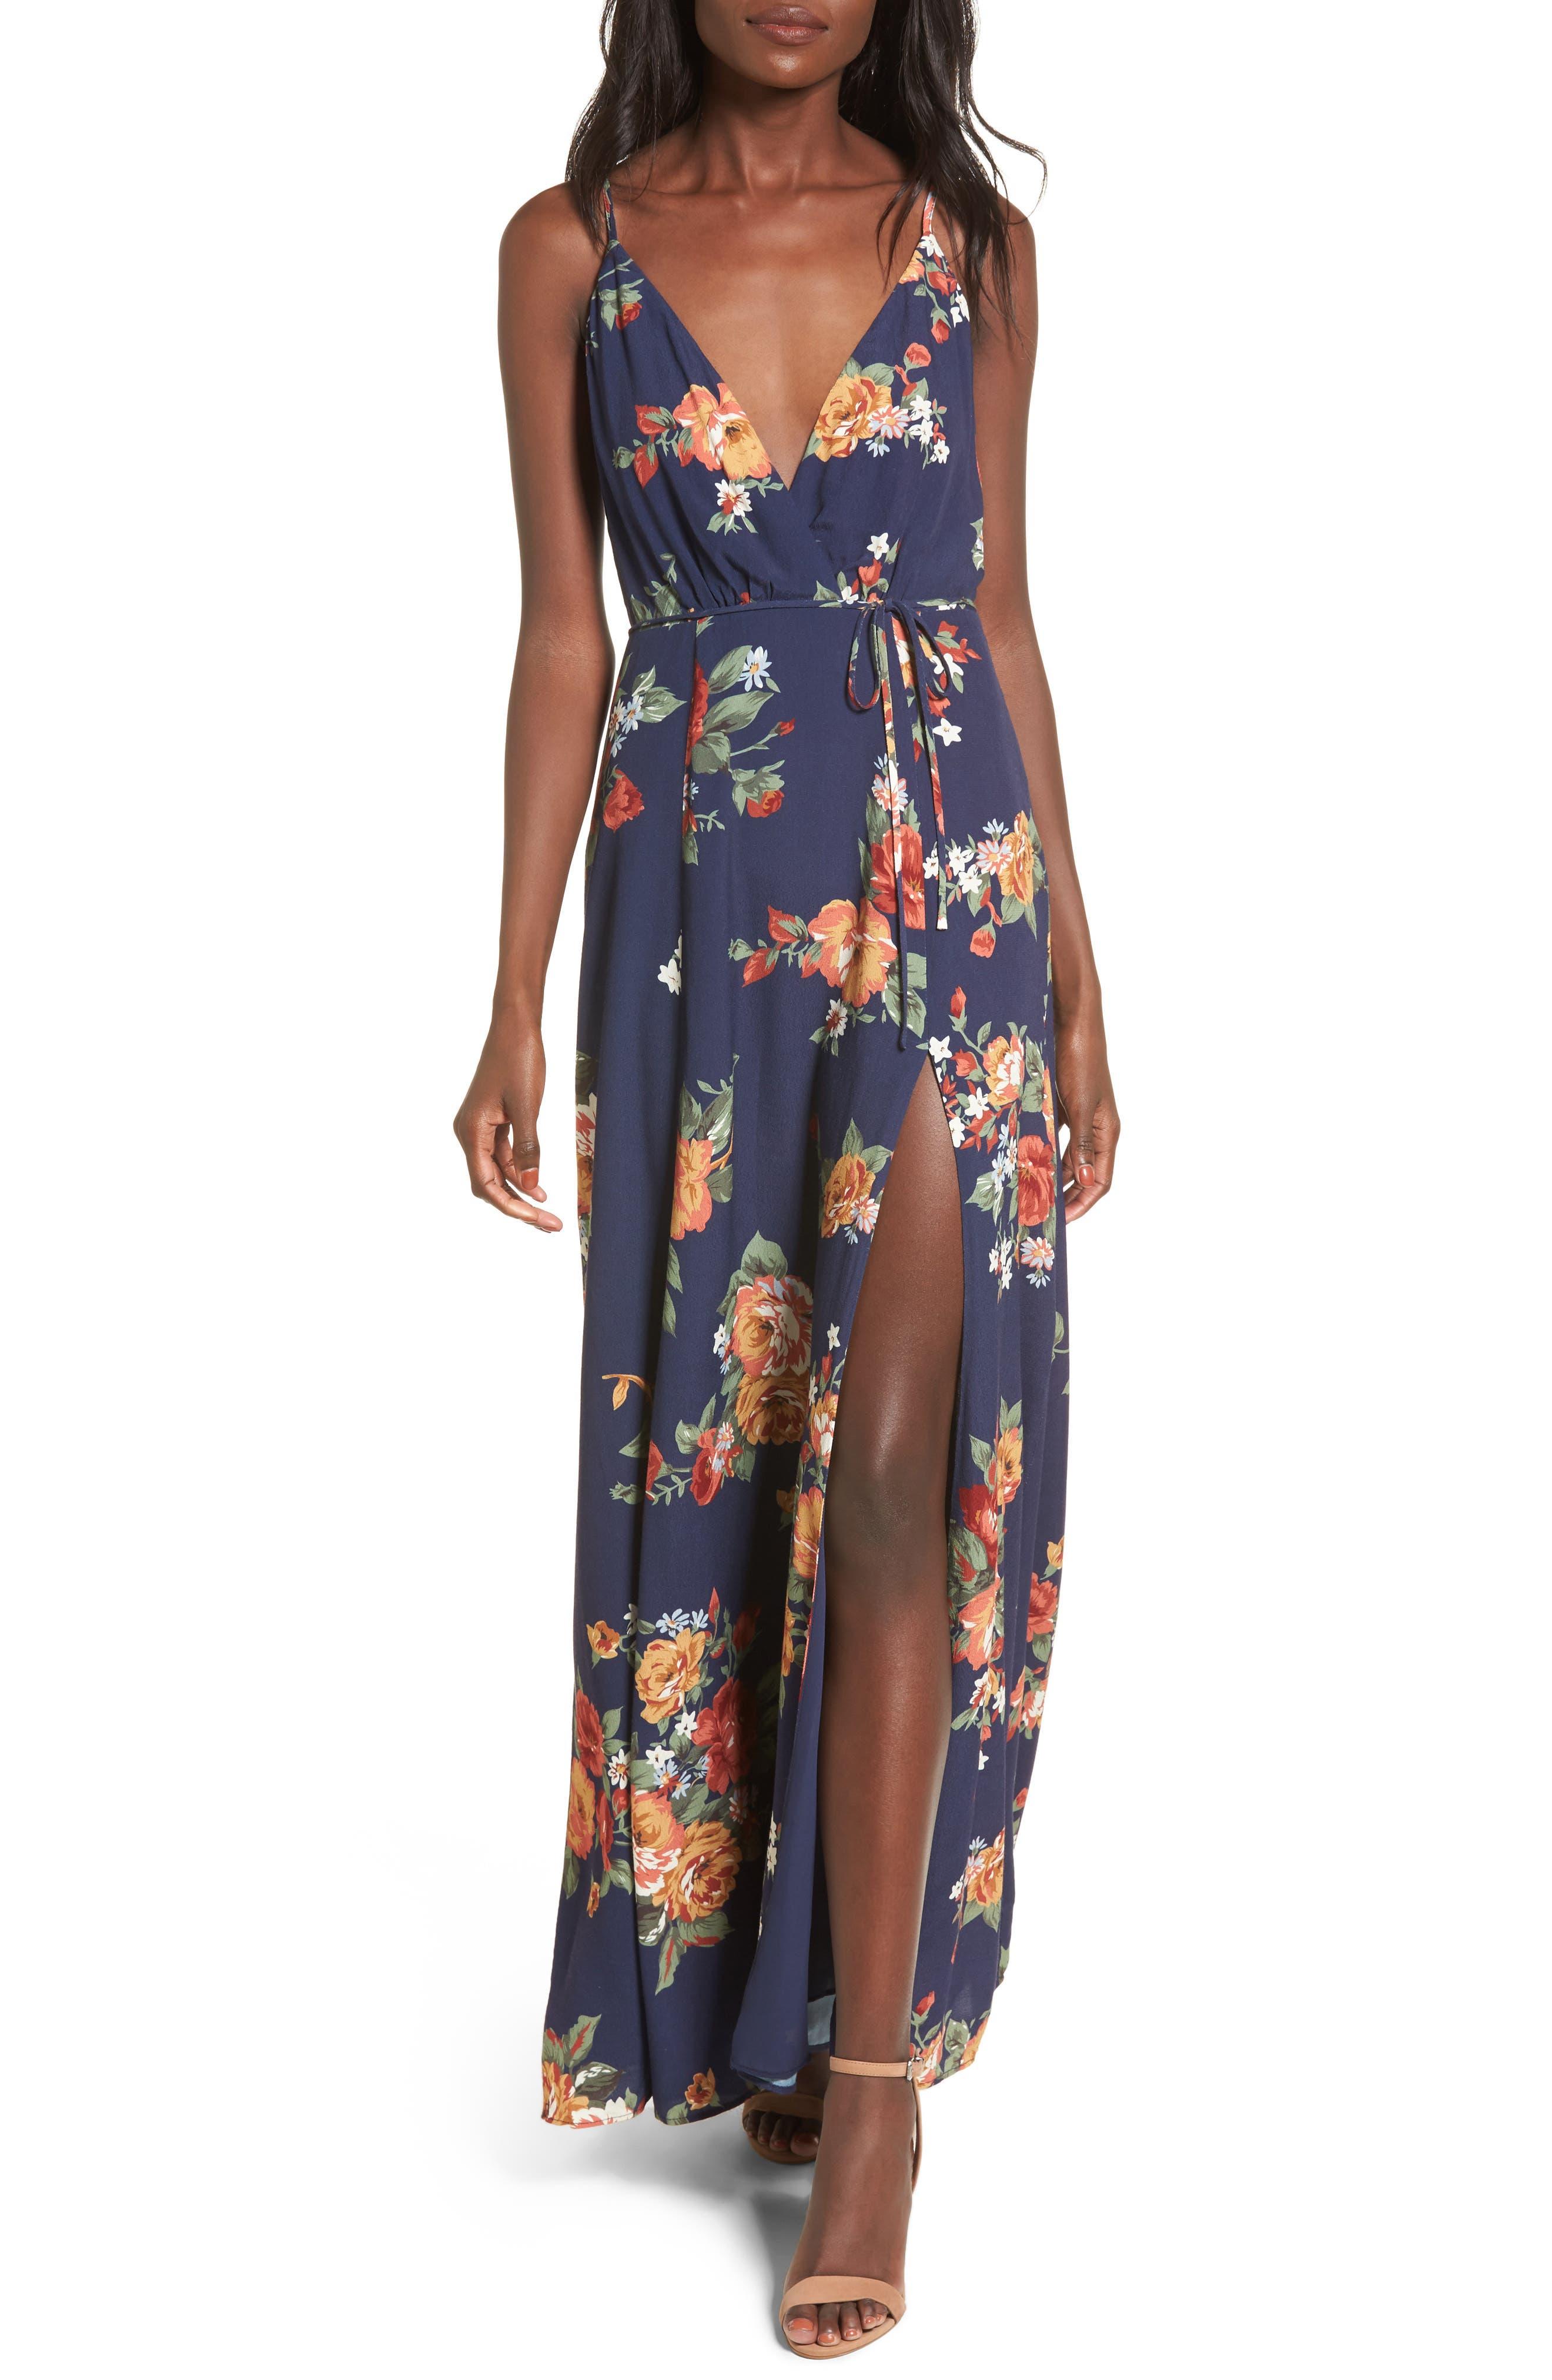 Crenshaw Maxi Dress,                             Main thumbnail 1, color,                             400